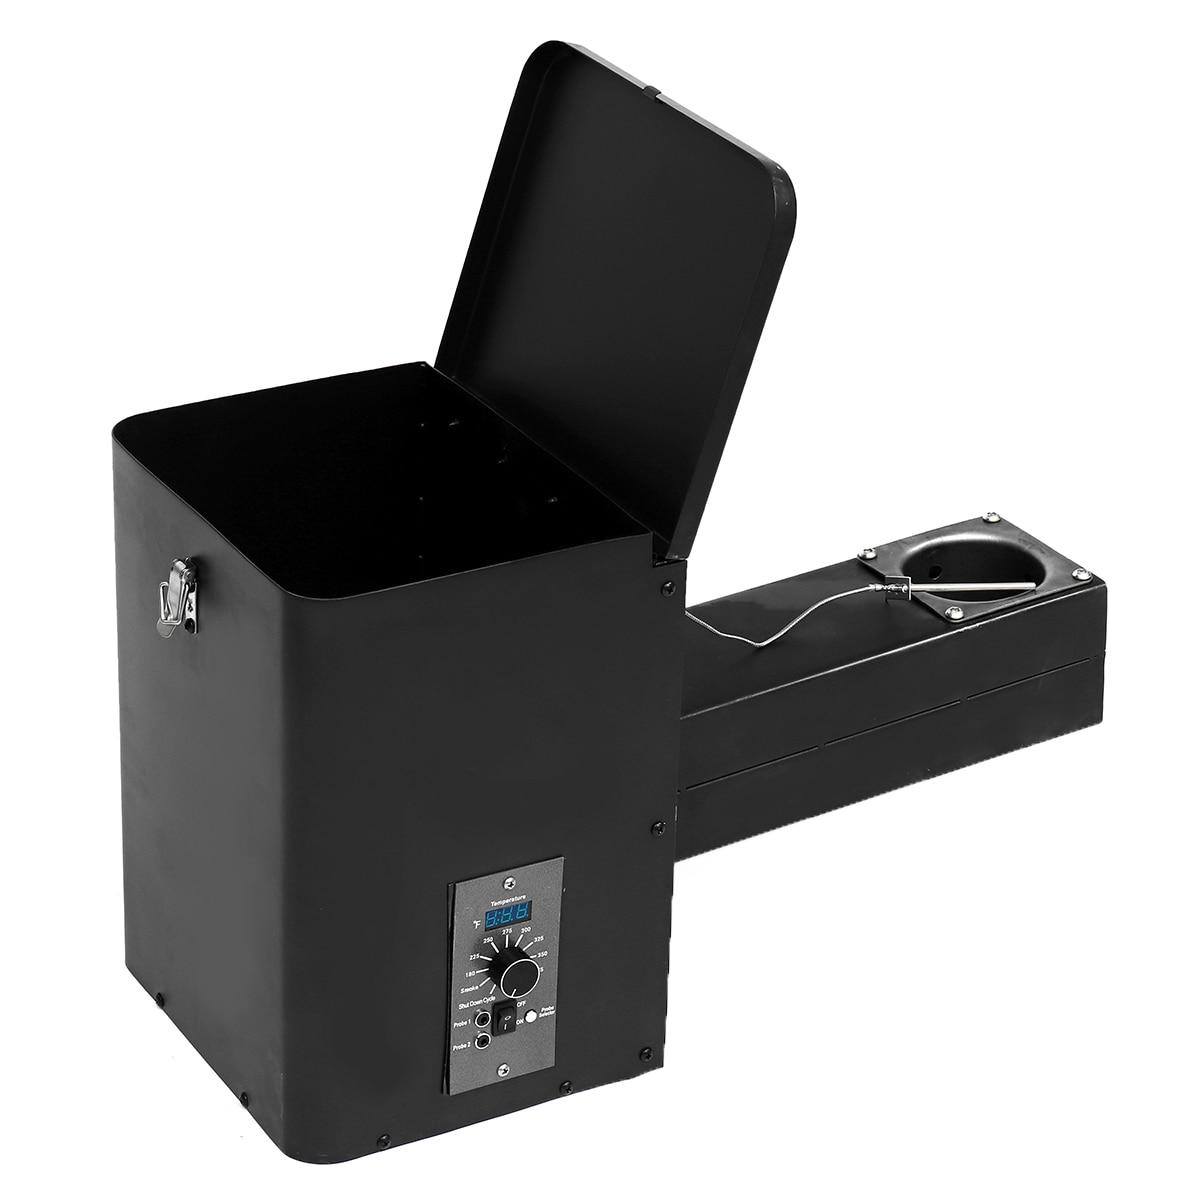 Controlador de Temperatura Digital inteligente Automático Elétrico Wood Pellet Traeger Acessórios PARA CHURRASCO Fumante Grill Parte Substituição